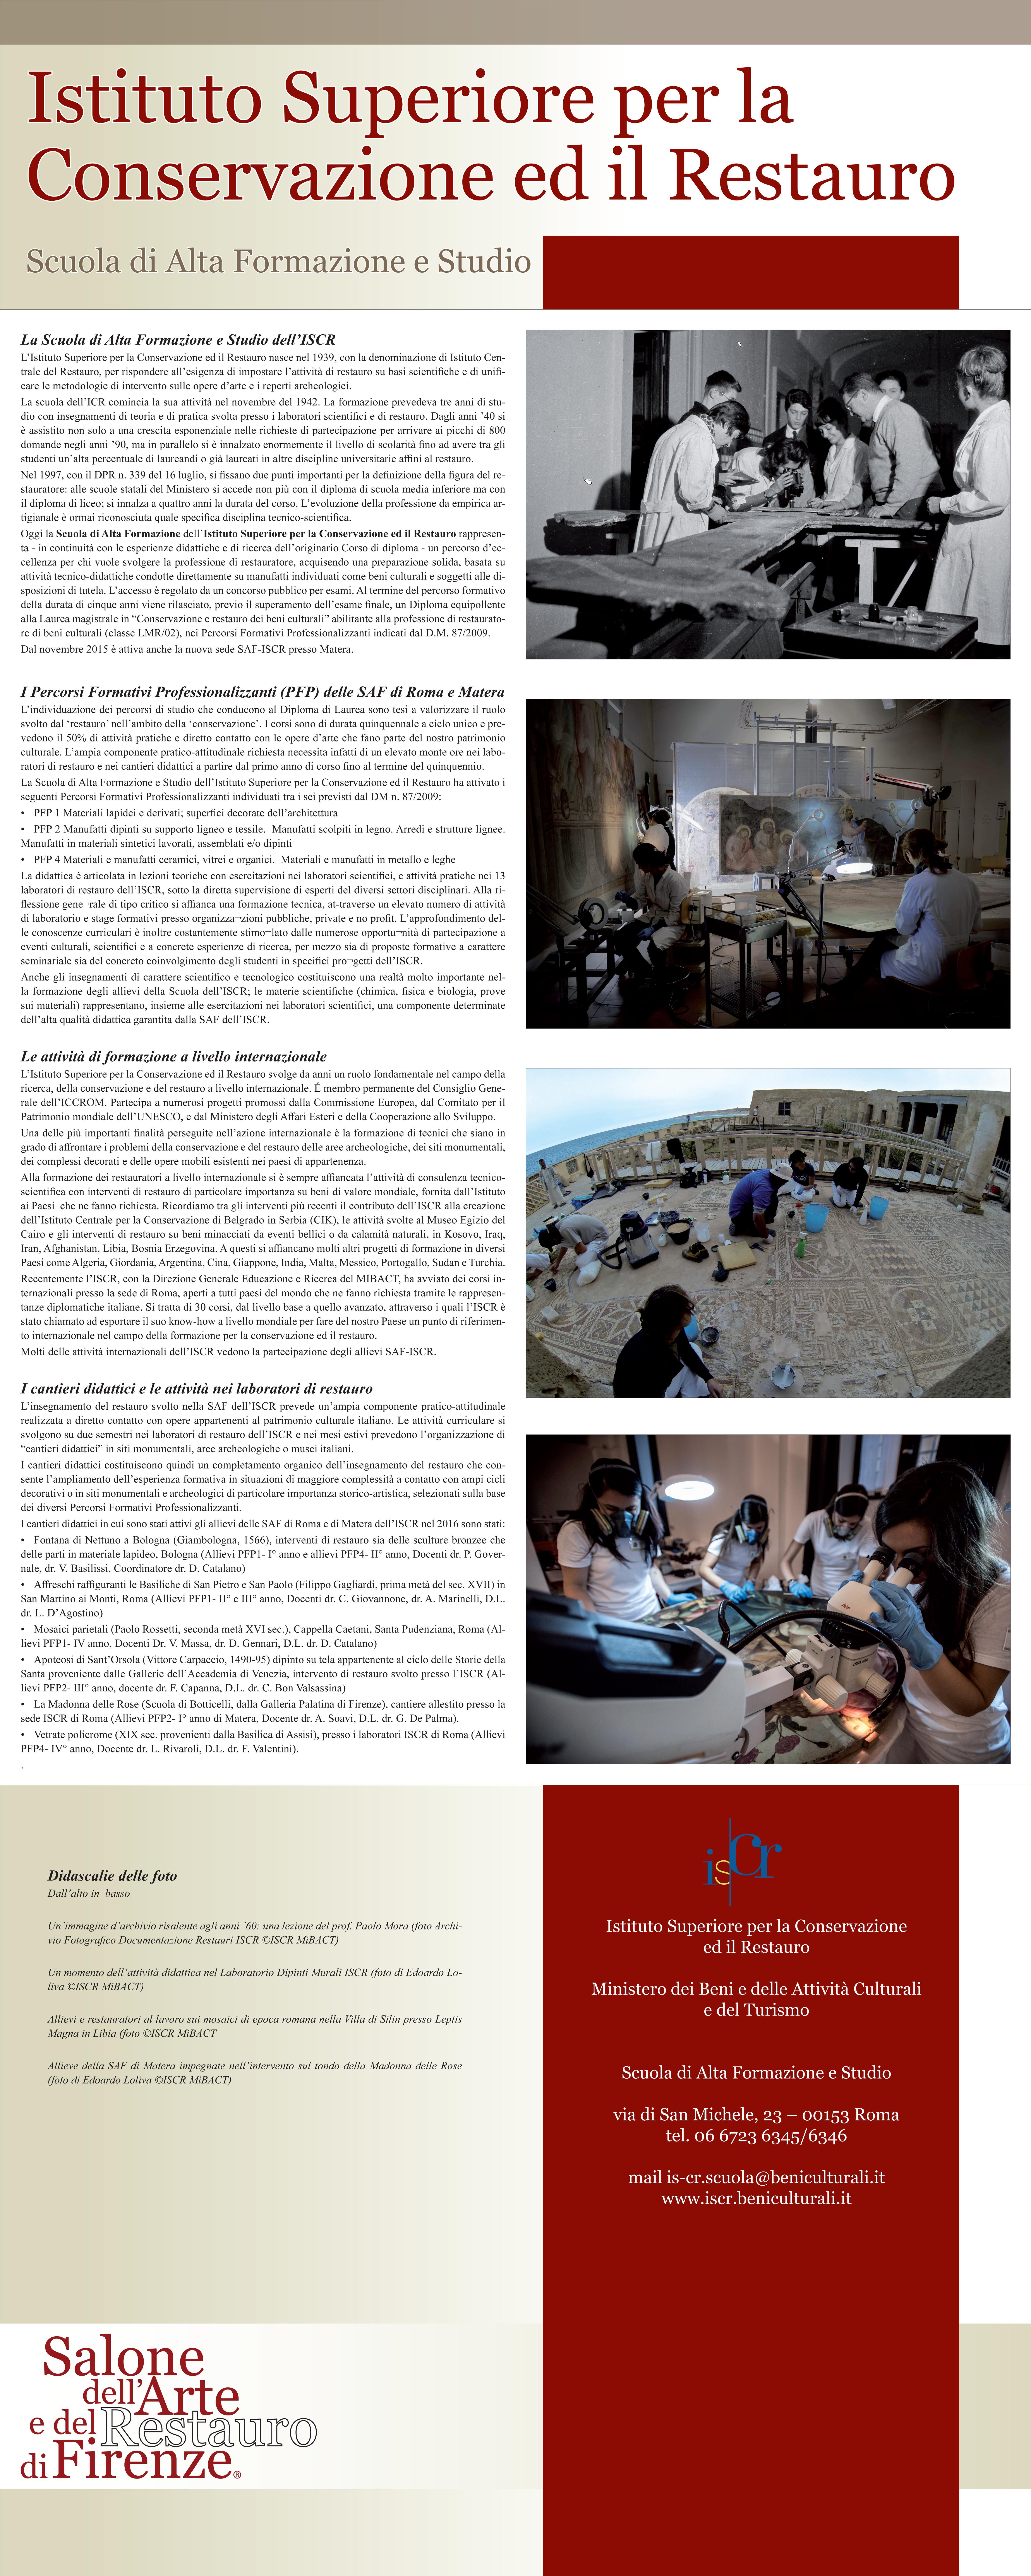 Scuola Di Restauro Roma.Iscr Istituto Superiore Per La Conservazione E Il Restauro